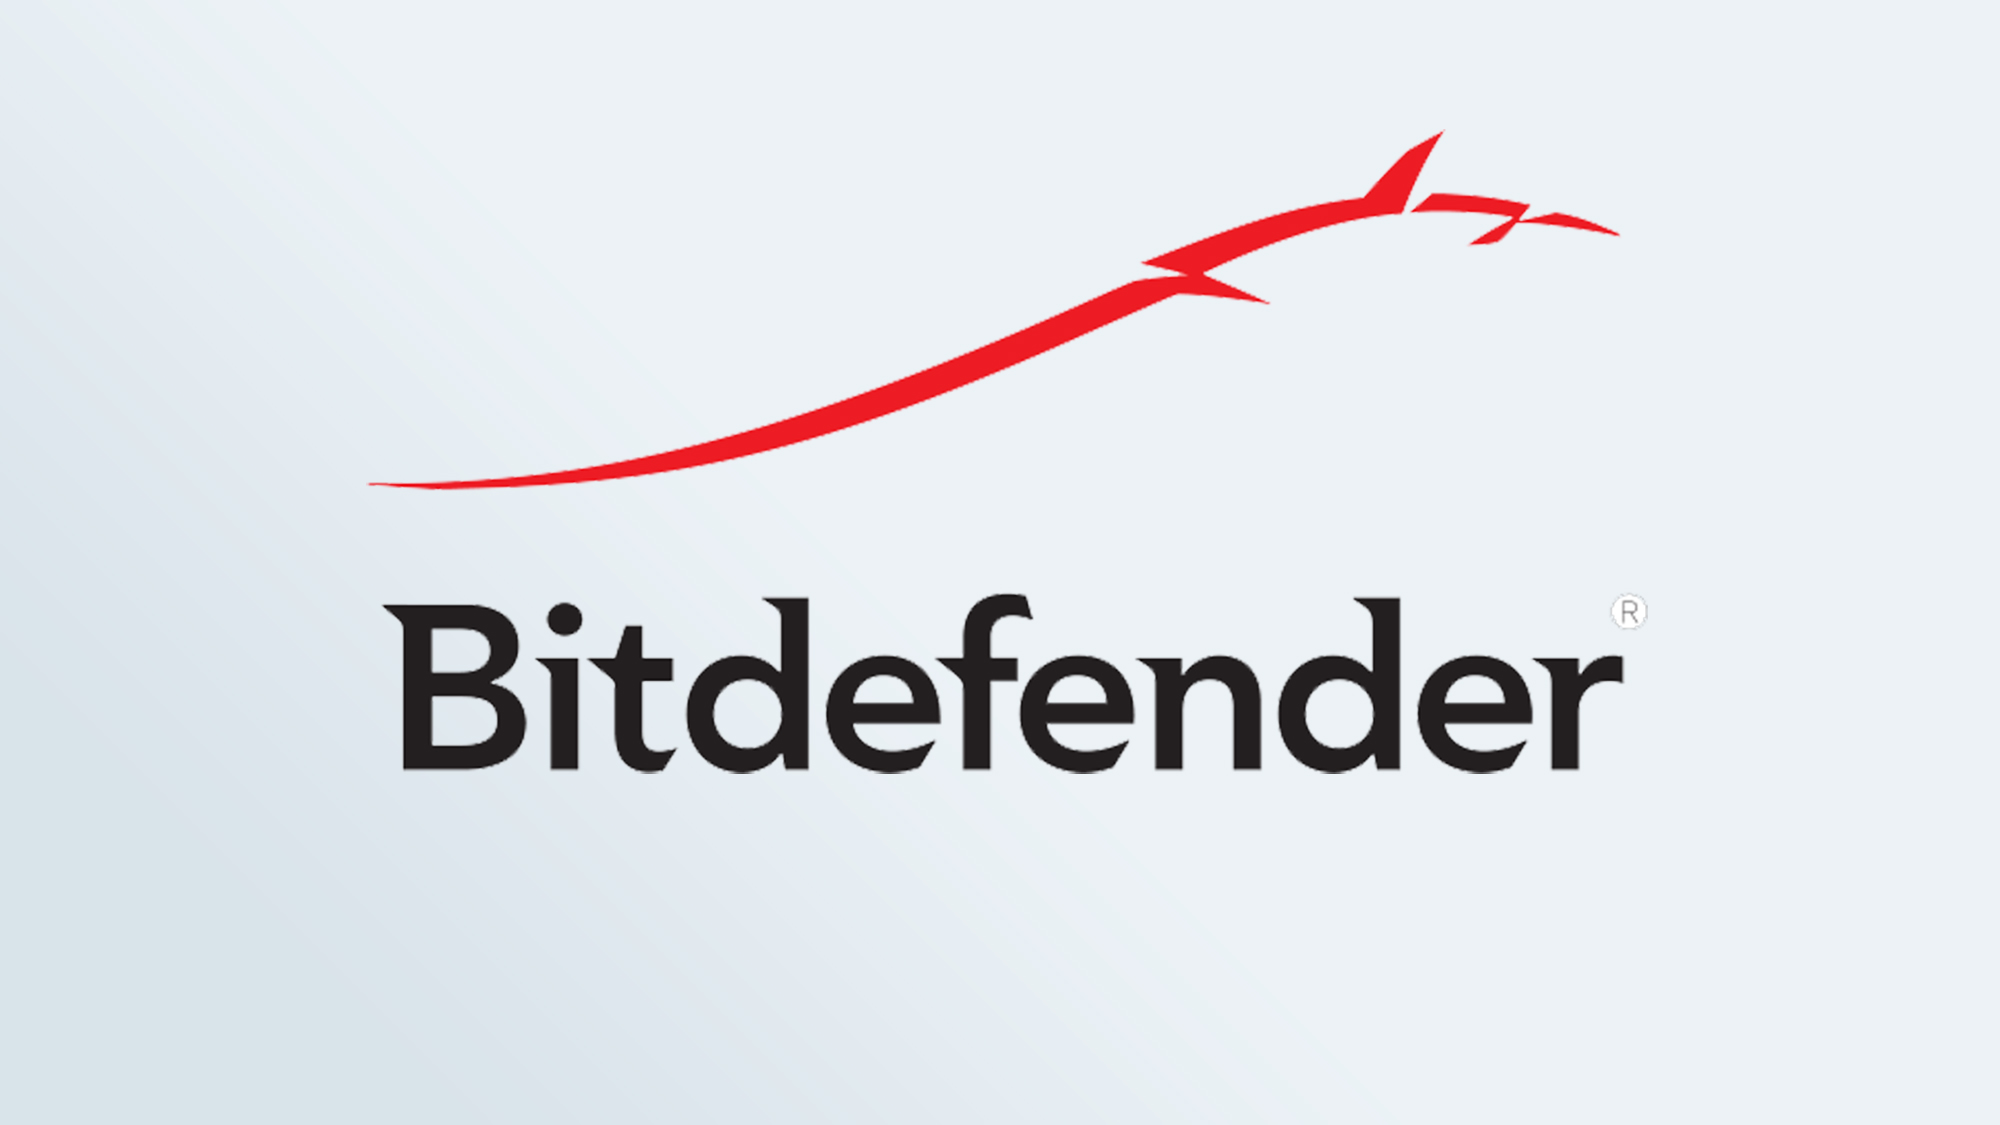 Best free antivirus: Bitdefender Antivirus Free Edition